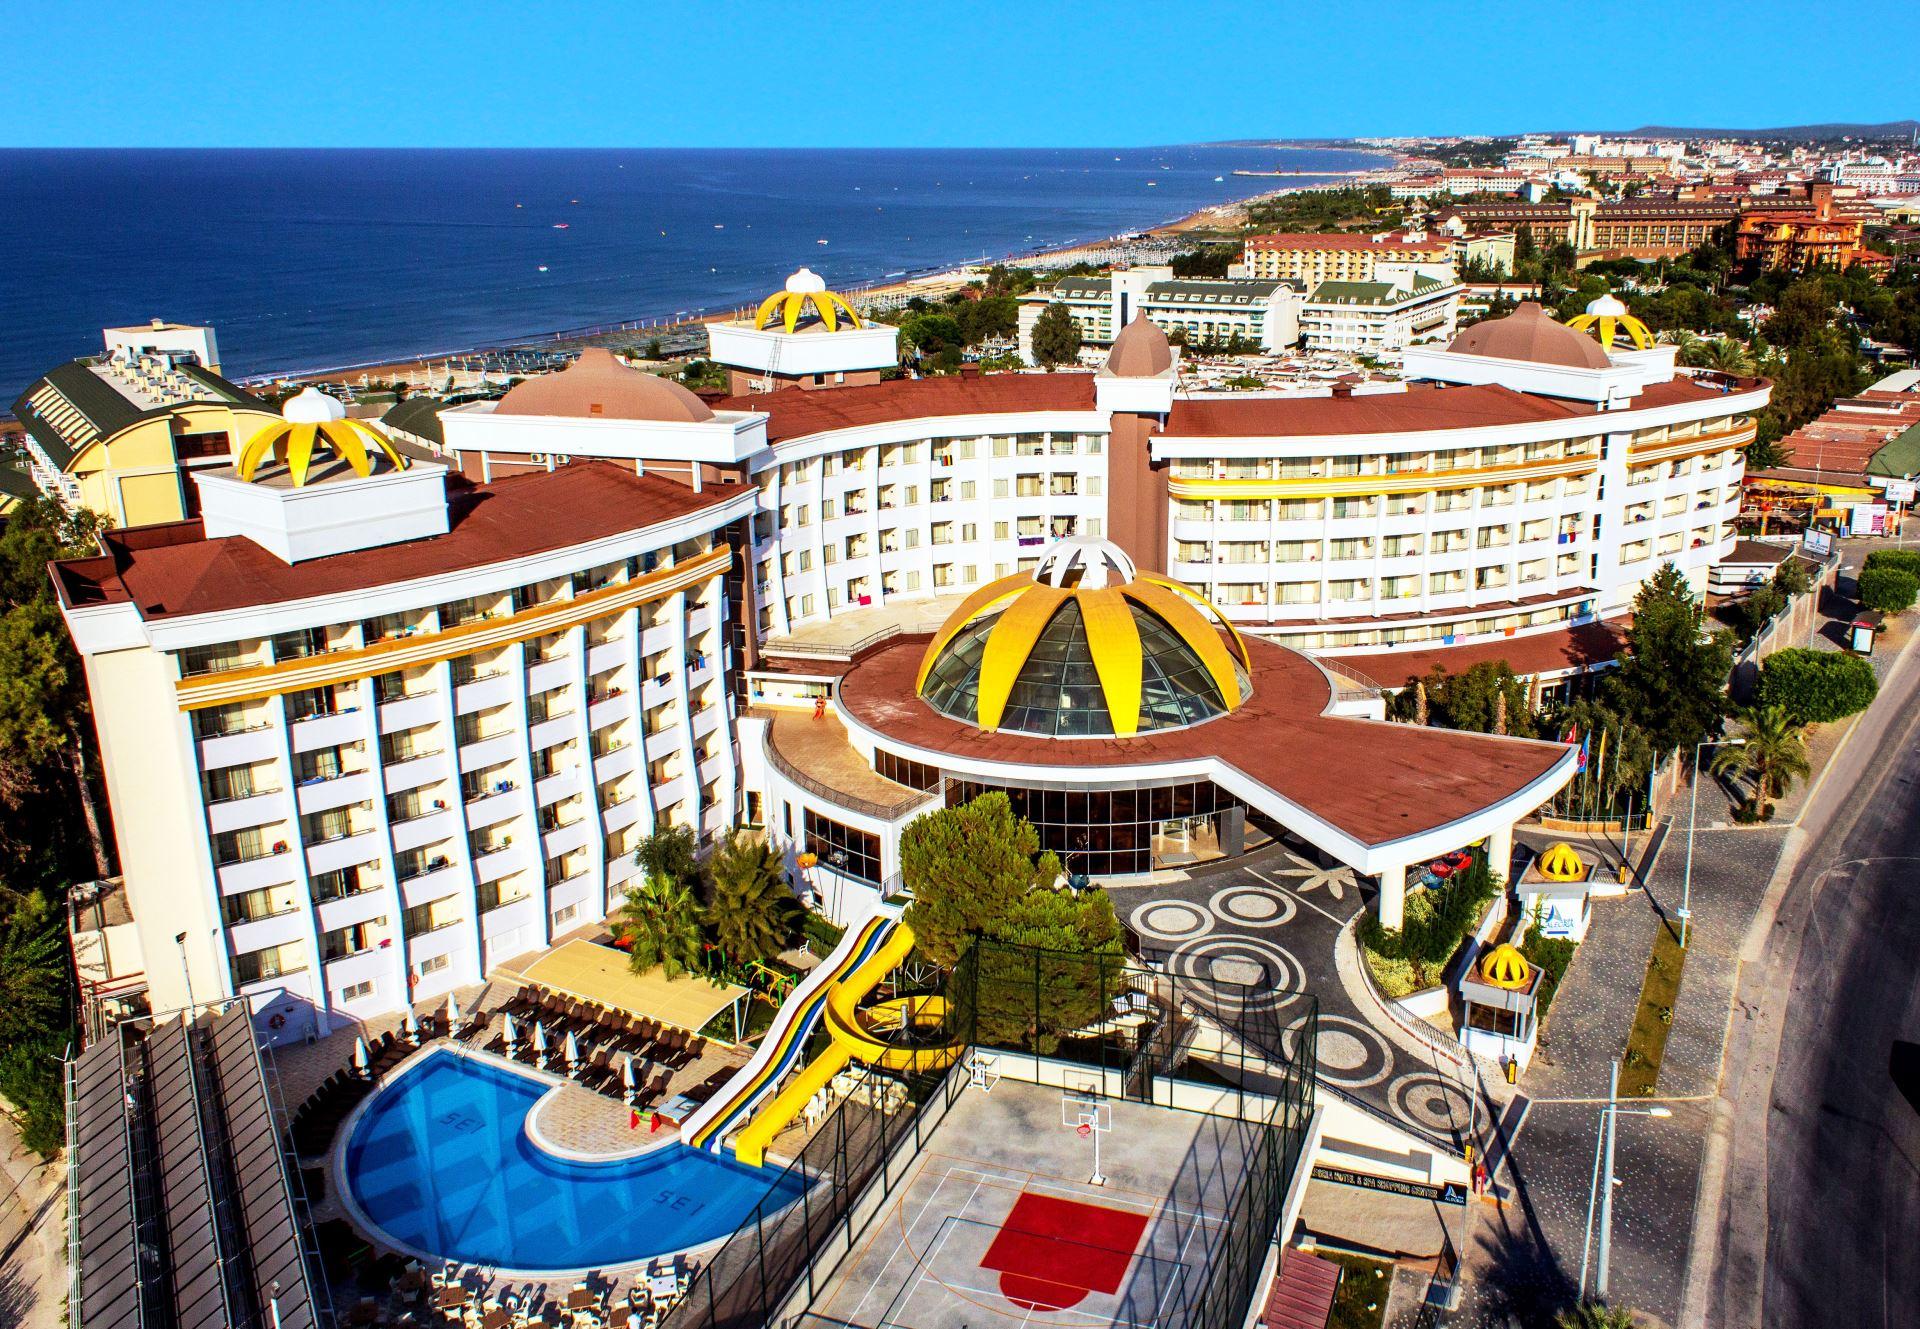 krótki wypad (7 dni) do Side Alegria Hotel & Spa - Turcja